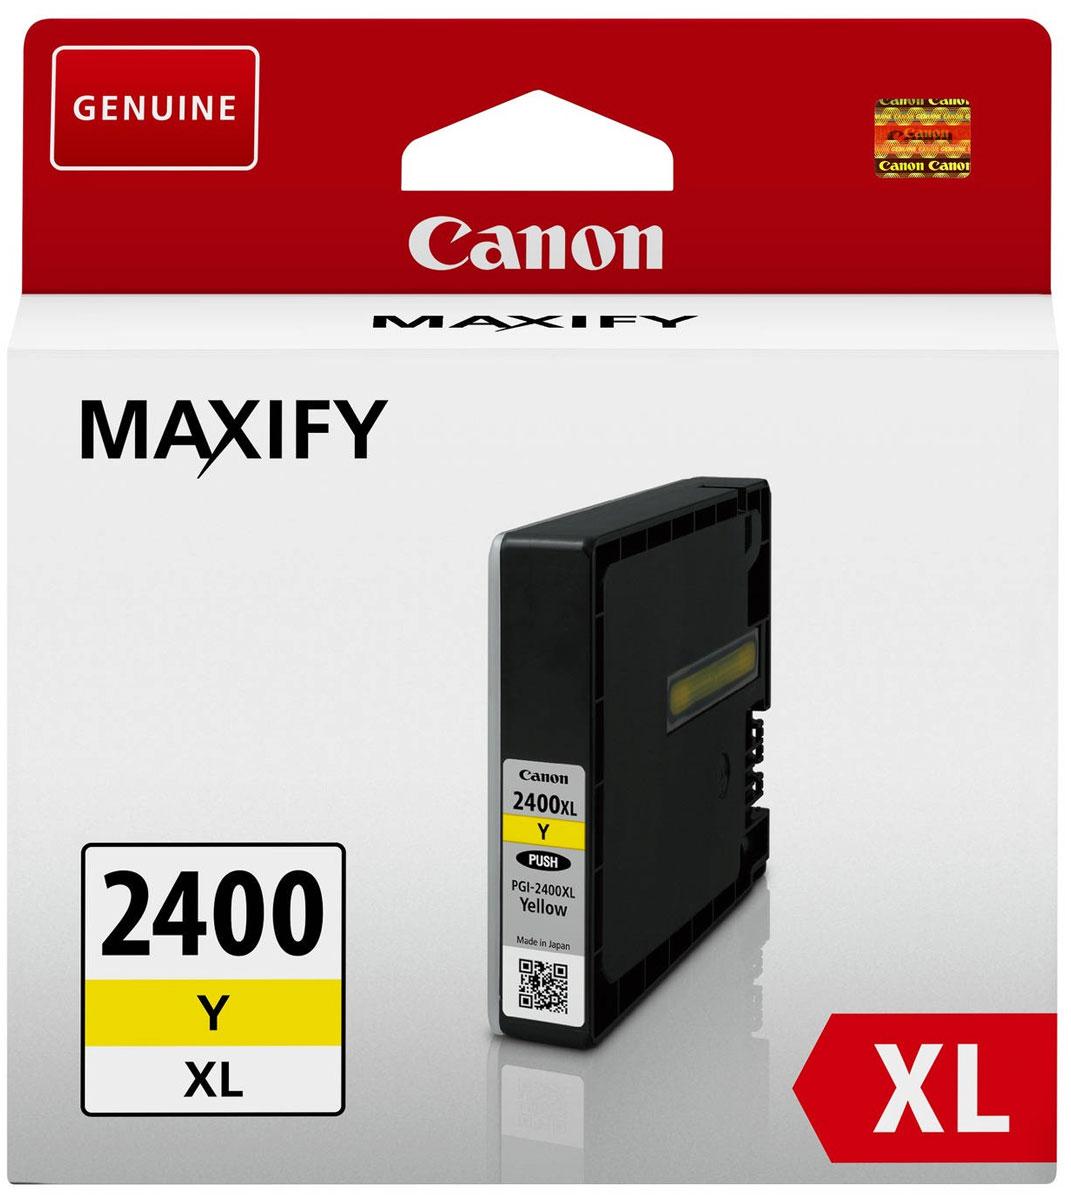 Фото - Canon PGI-2400XL, Yellow картридж для Maxify iB4040/МВ5040/МВ5340 meike fc 100 for nikon canon fc 100 macro ring flash light nikon d7100 d7000 d5200 d5100 d5000 d3200 d310